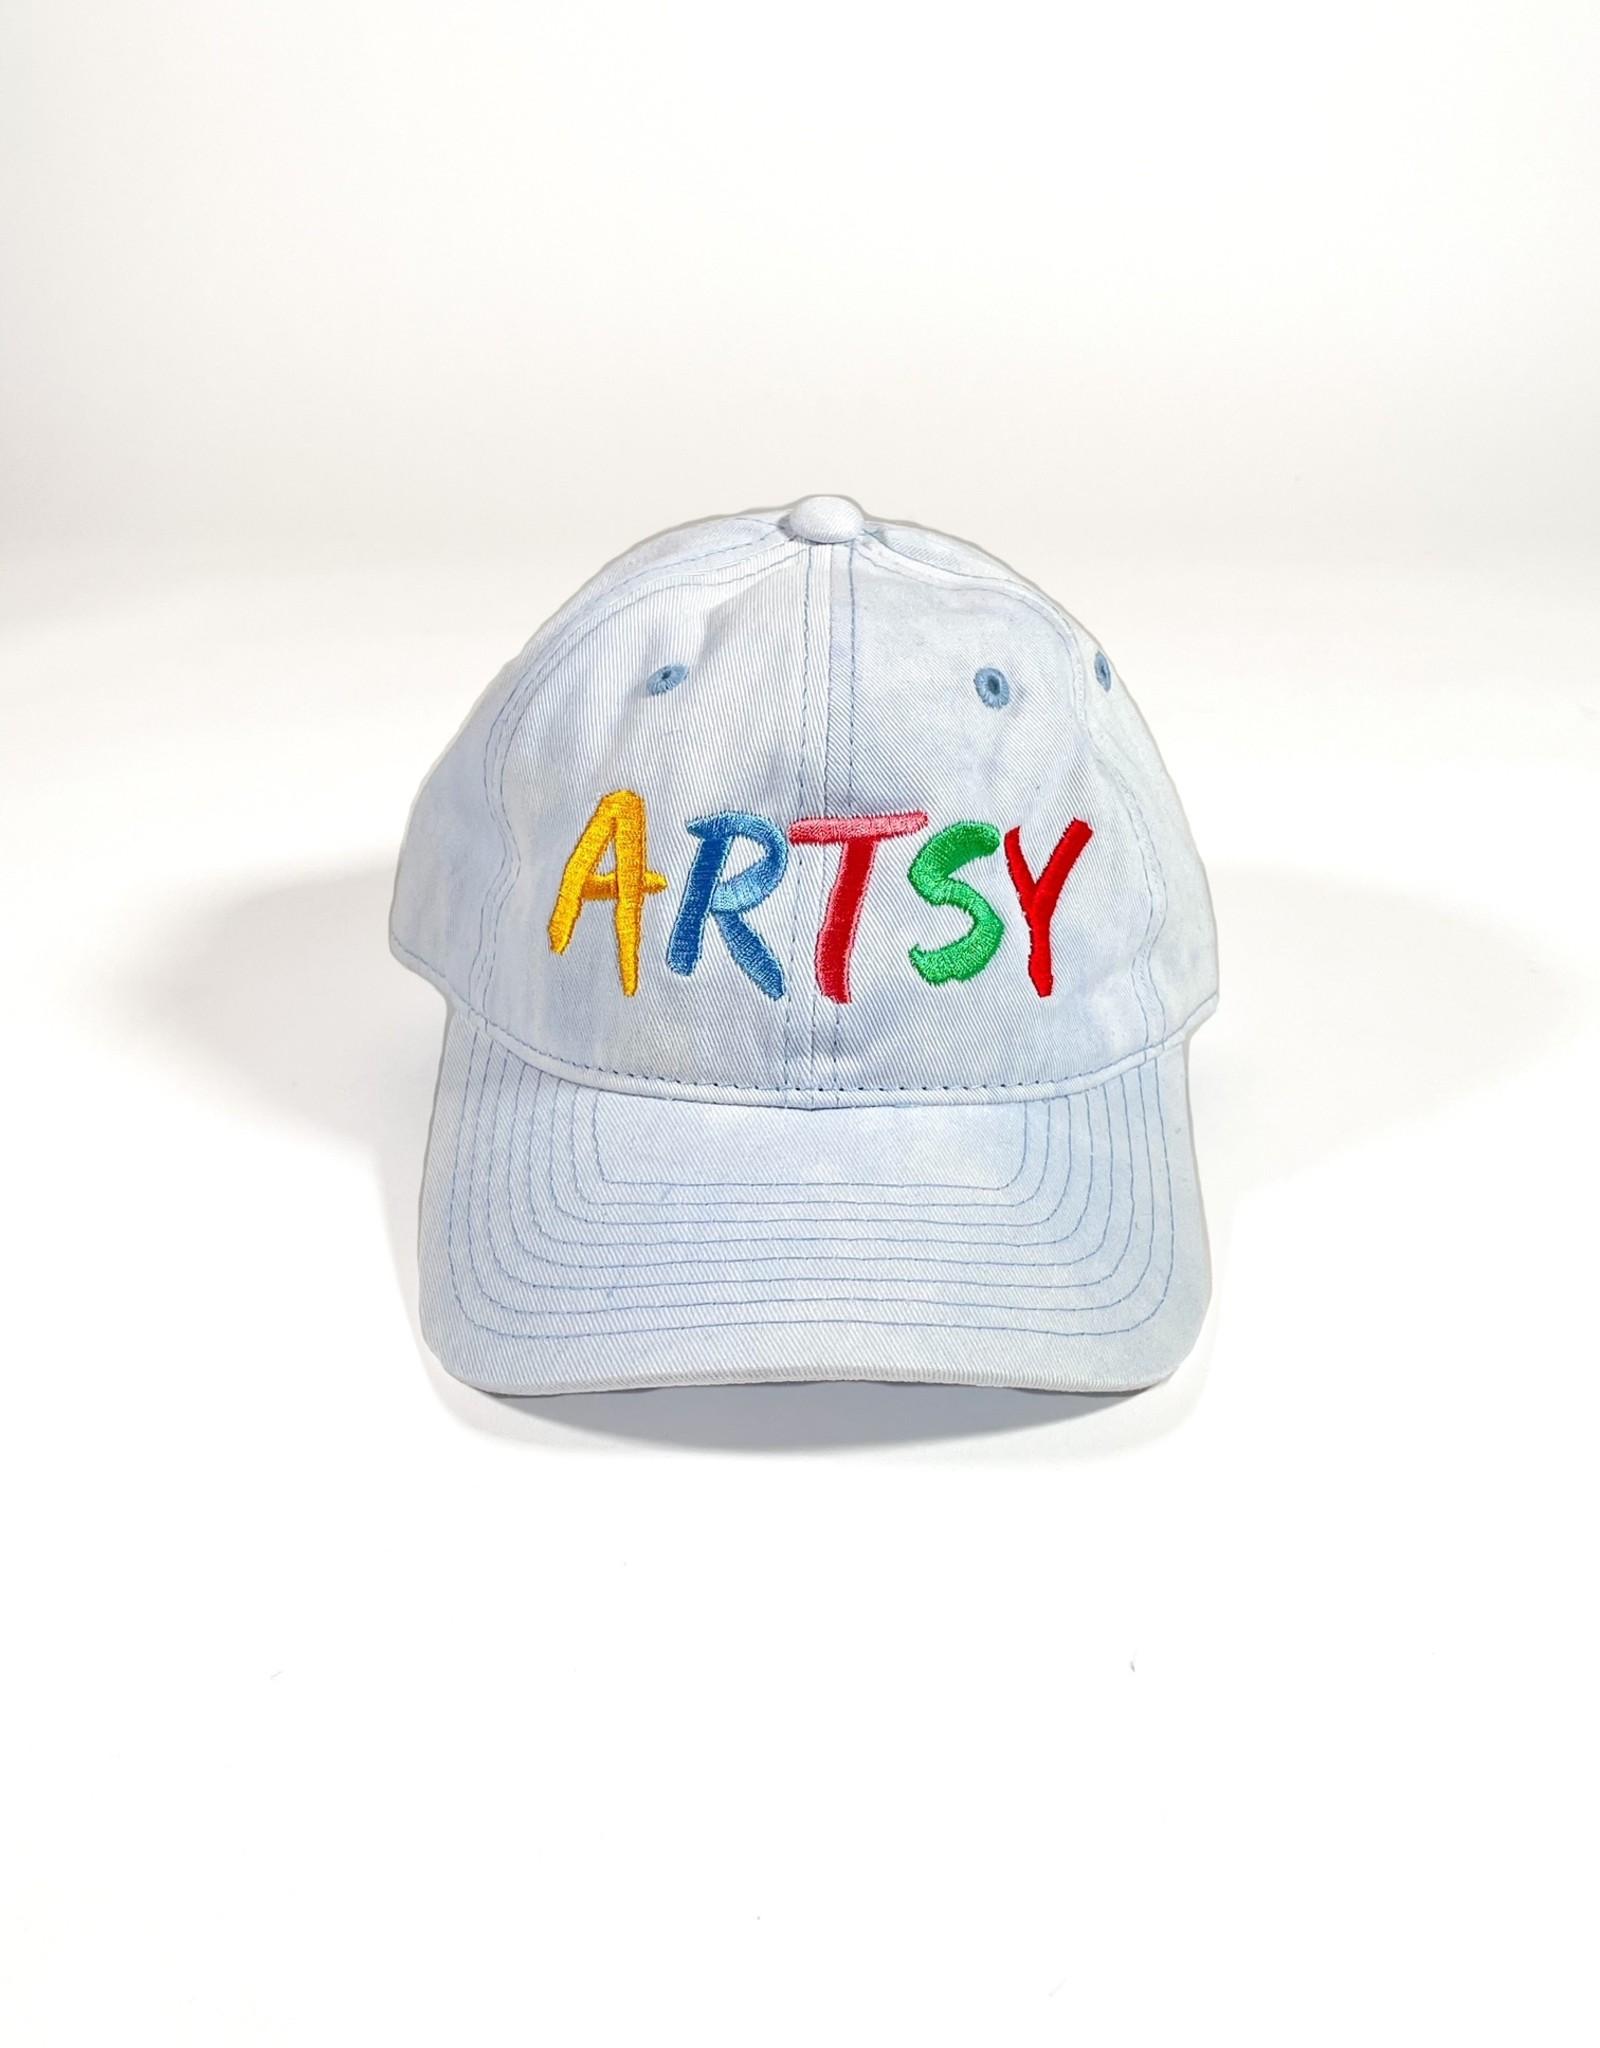 ARTSY LA ARTSY LA DAD HAT - WASHED BLUE